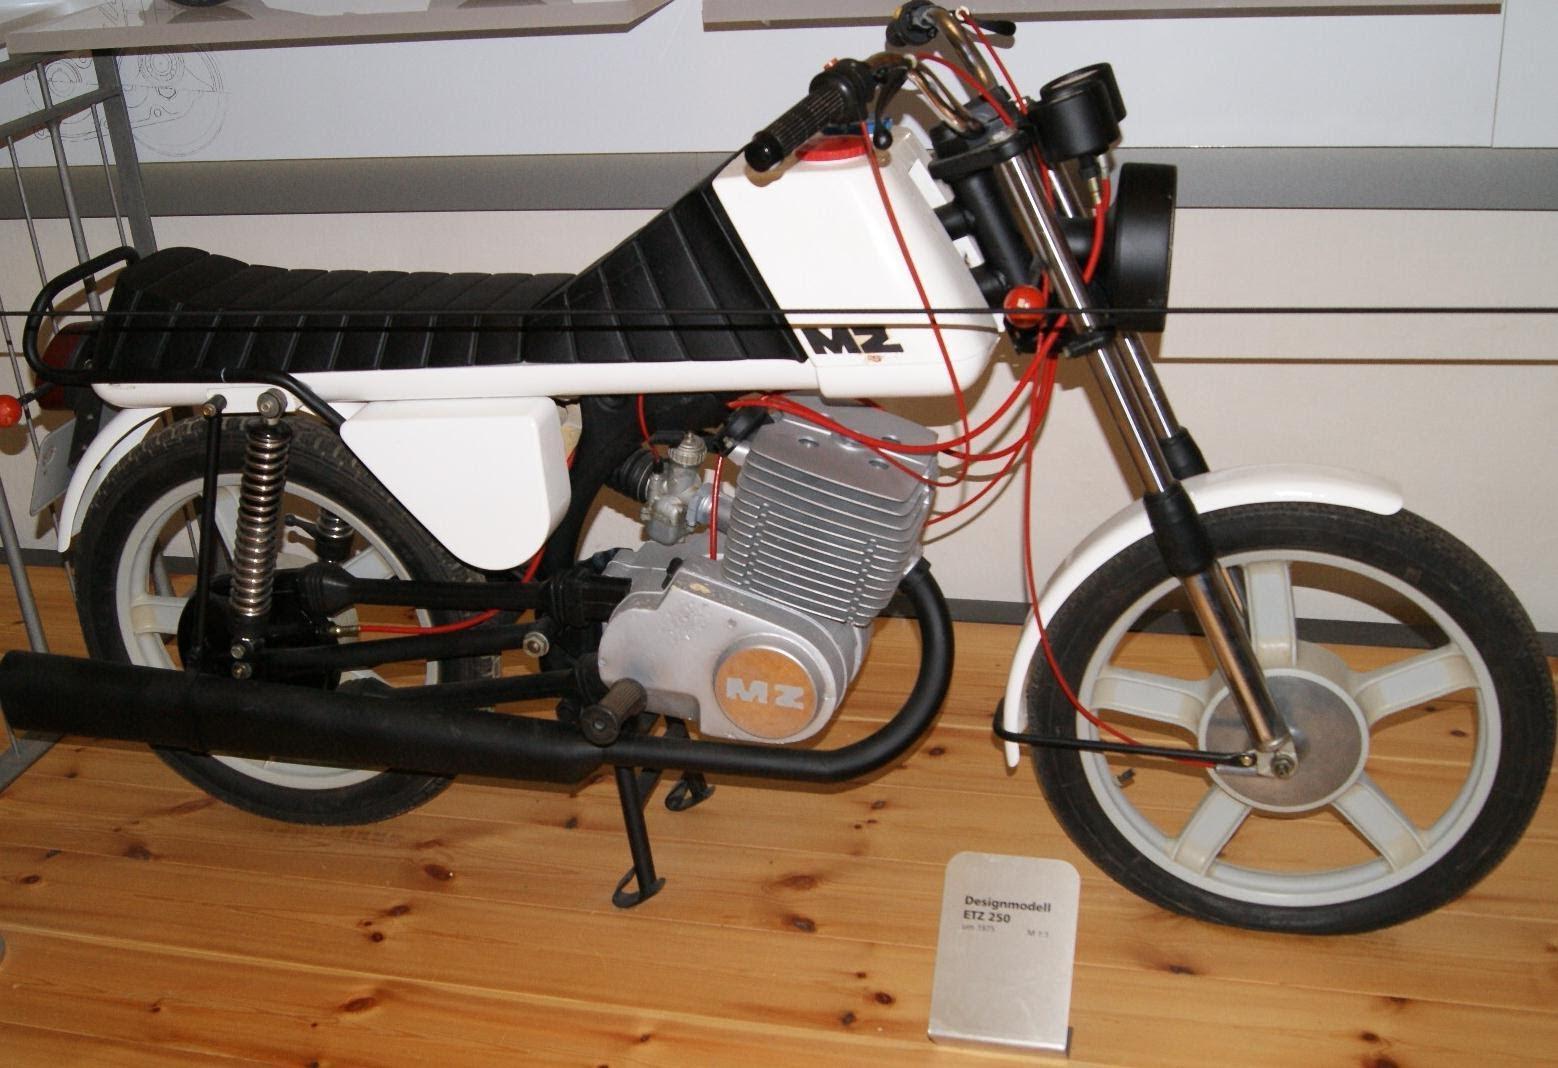 MZ et l'aventure brésilienne - Page 2 Mz-ts-250-1975-moto